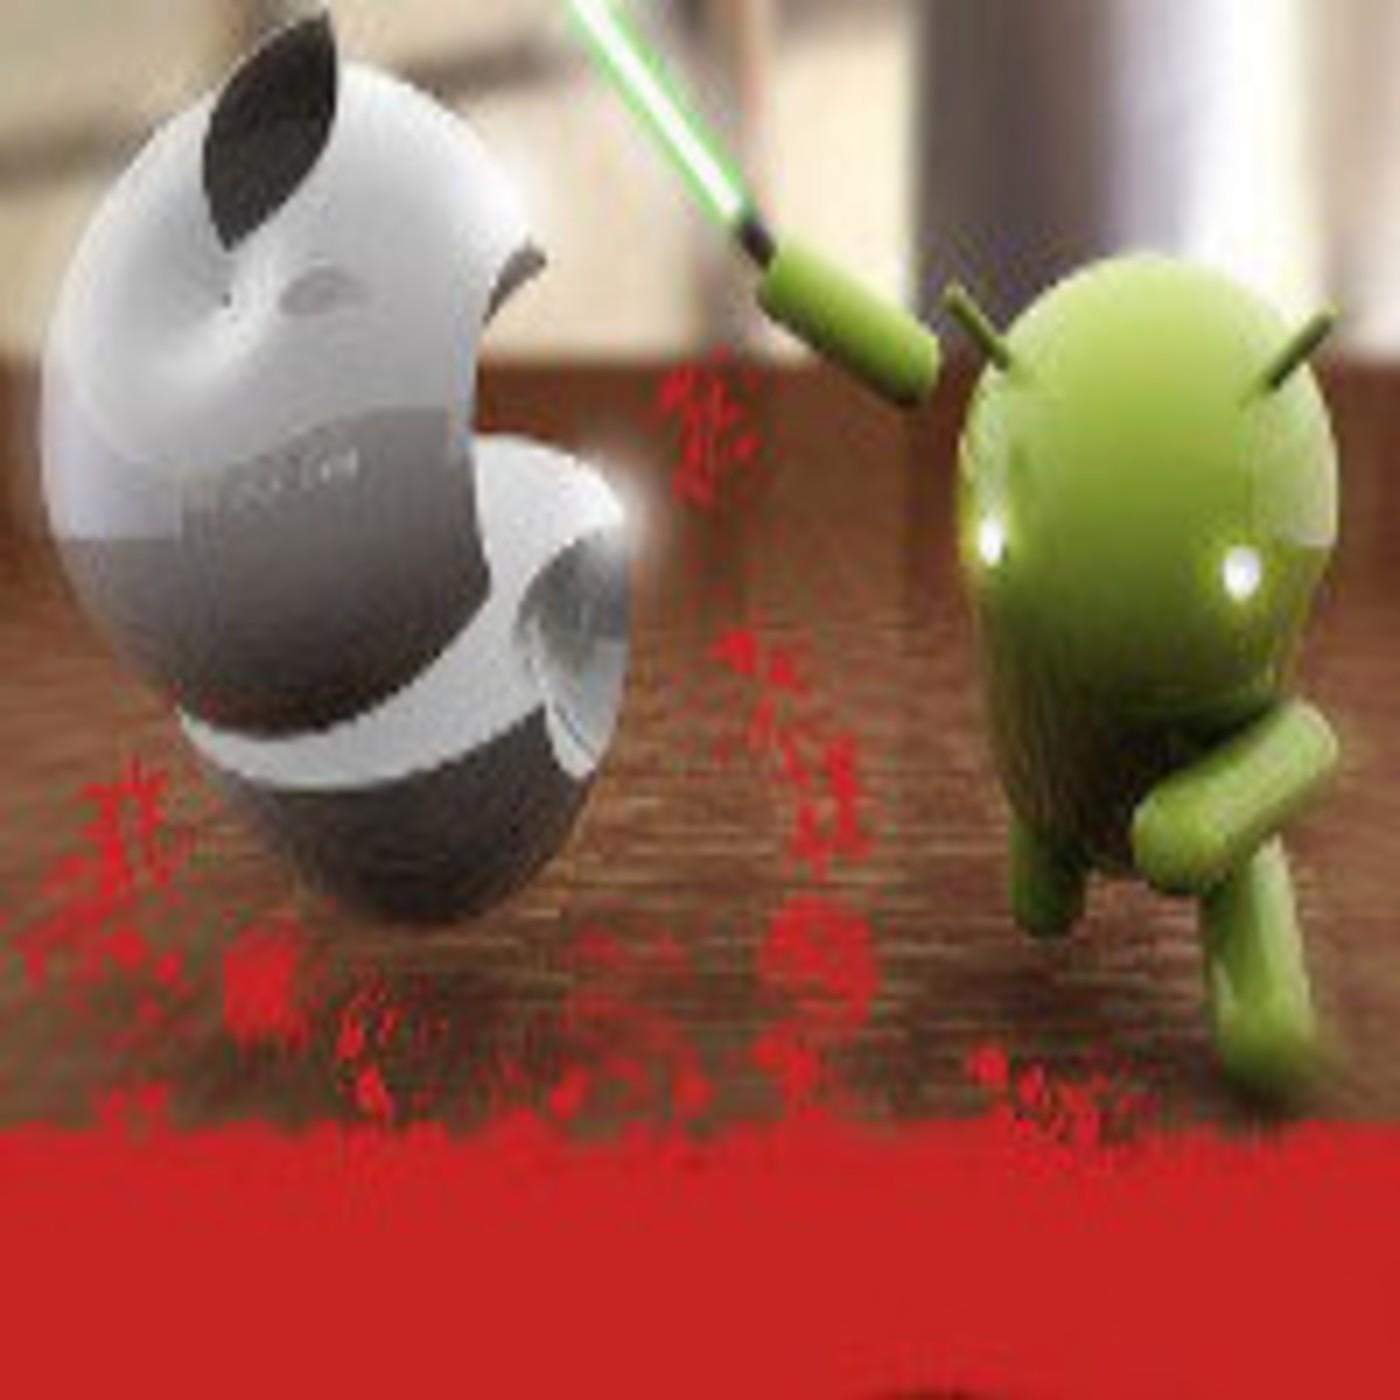 2x31 - Android vs iOS ¿cuál es mejor?. Unix, el padre de todos